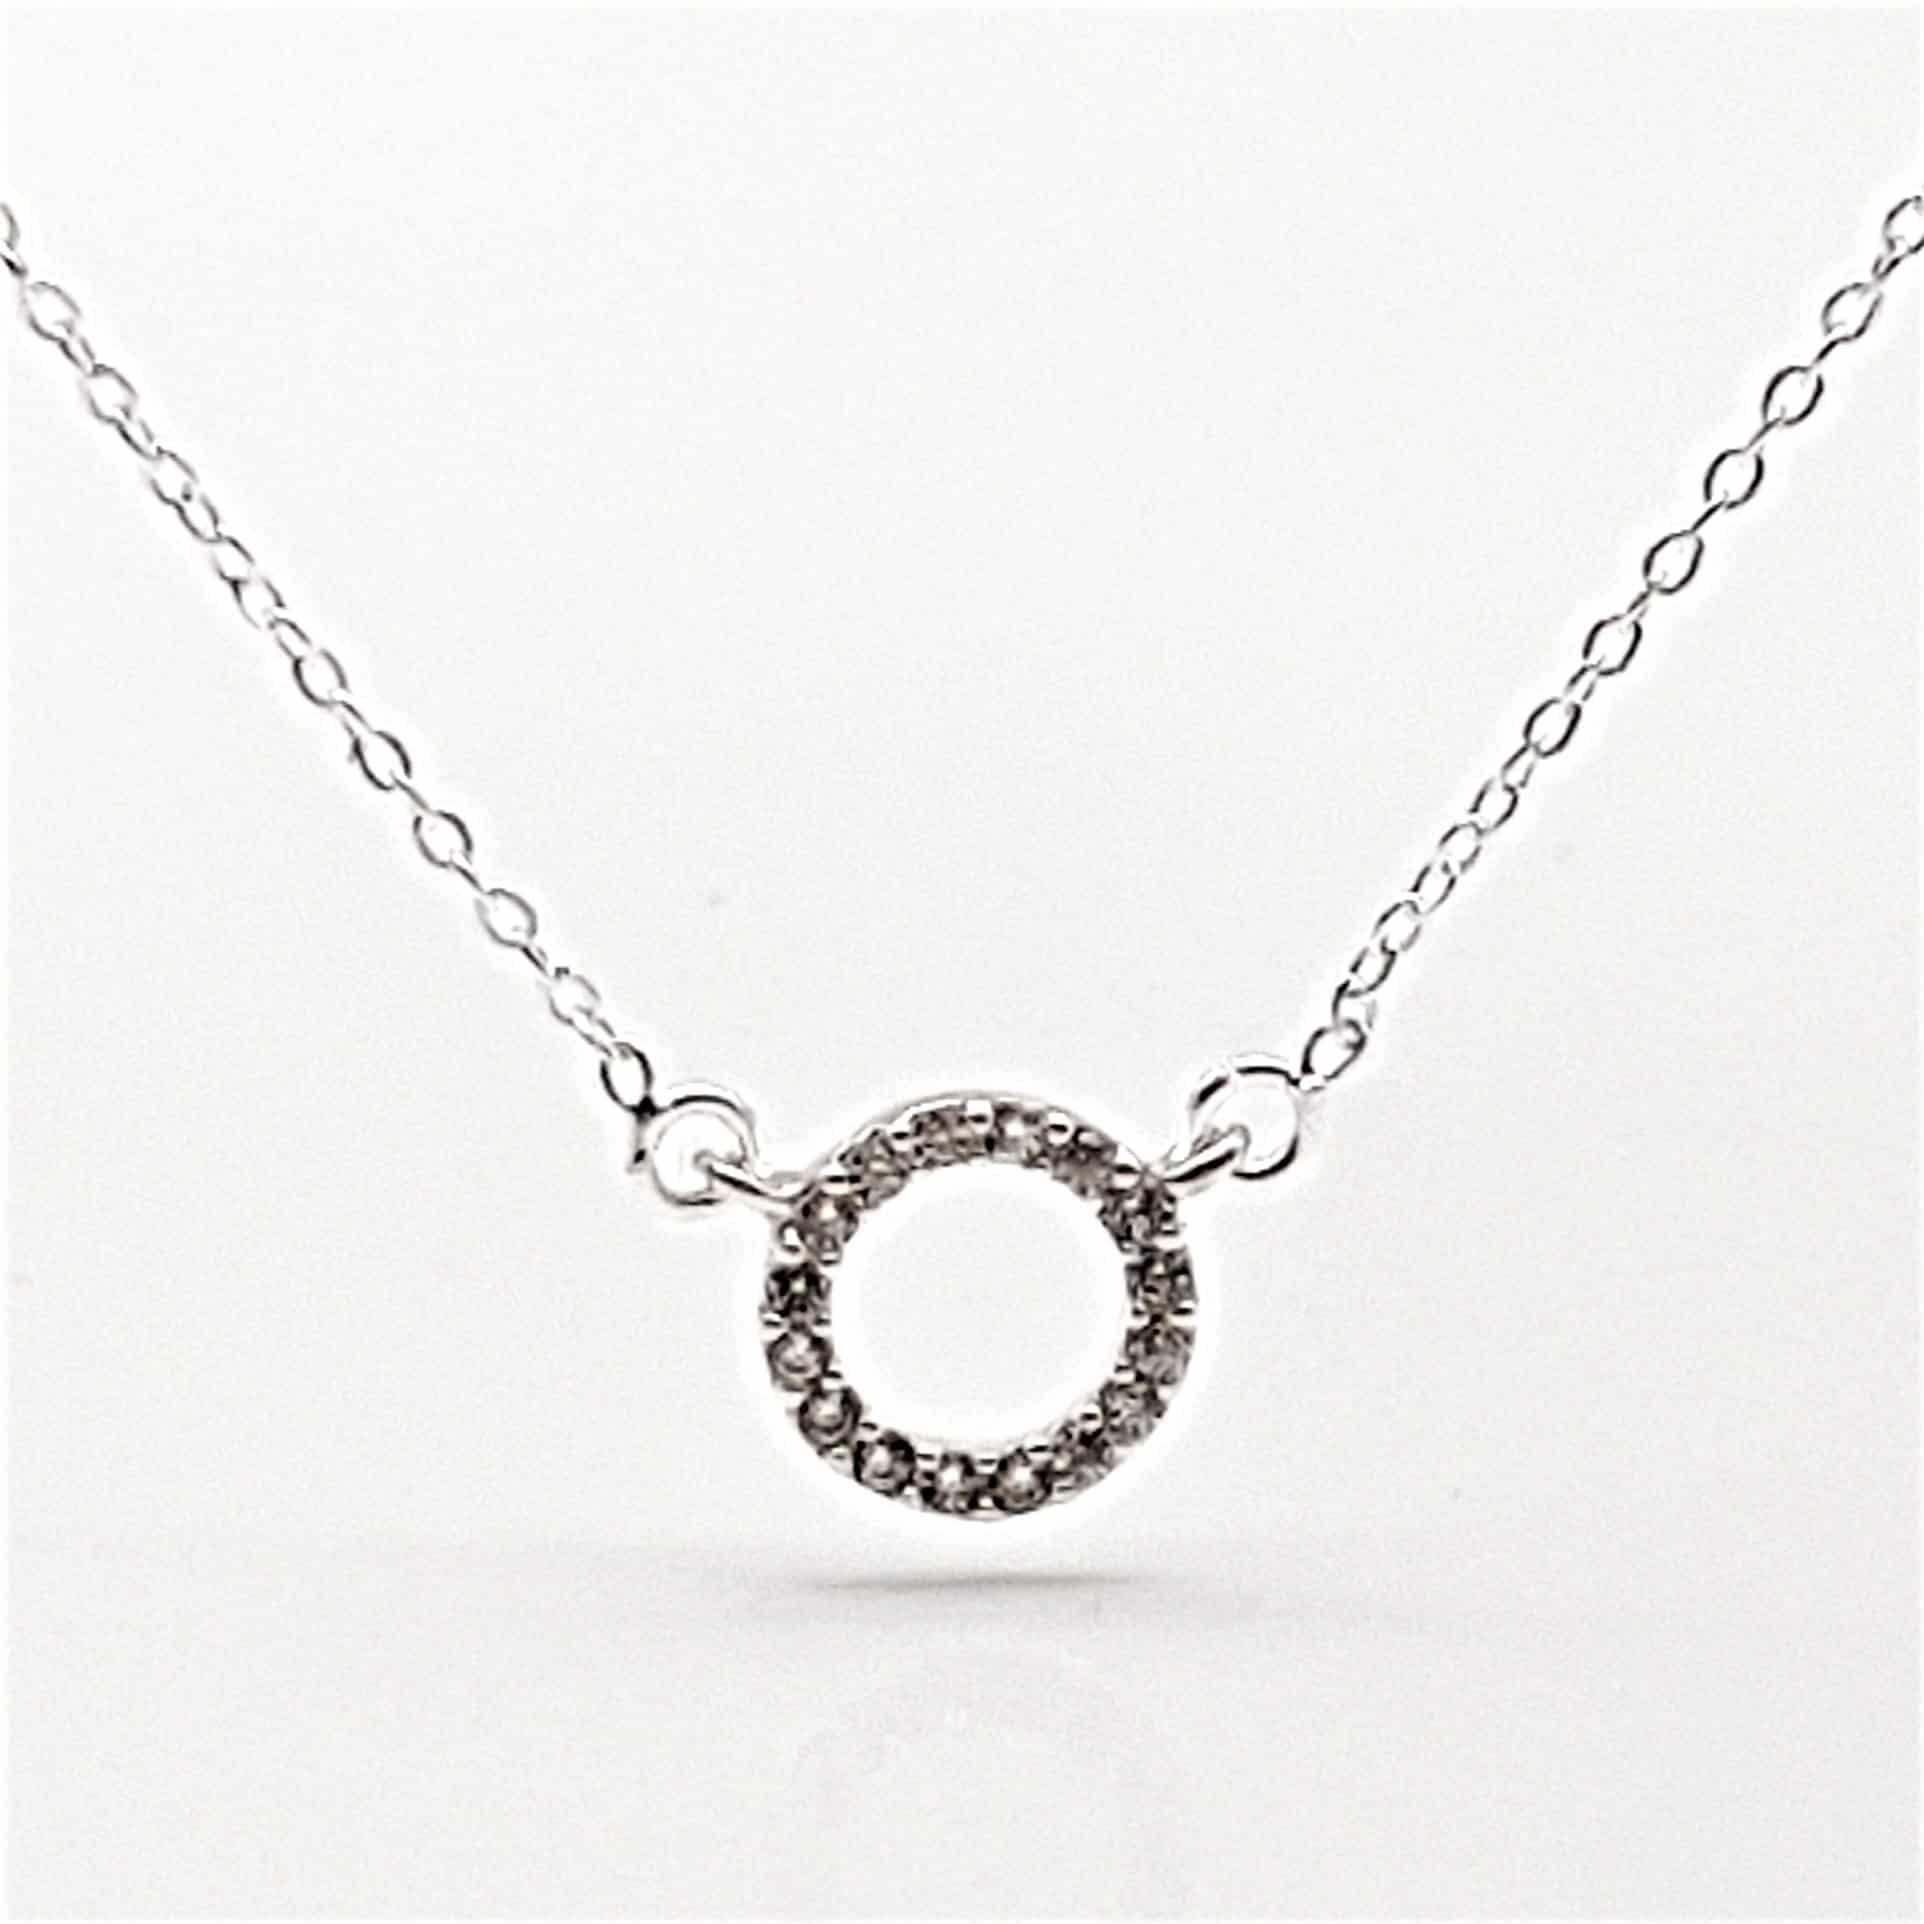 Gargantilla mini aro de plata y circonitas (7)